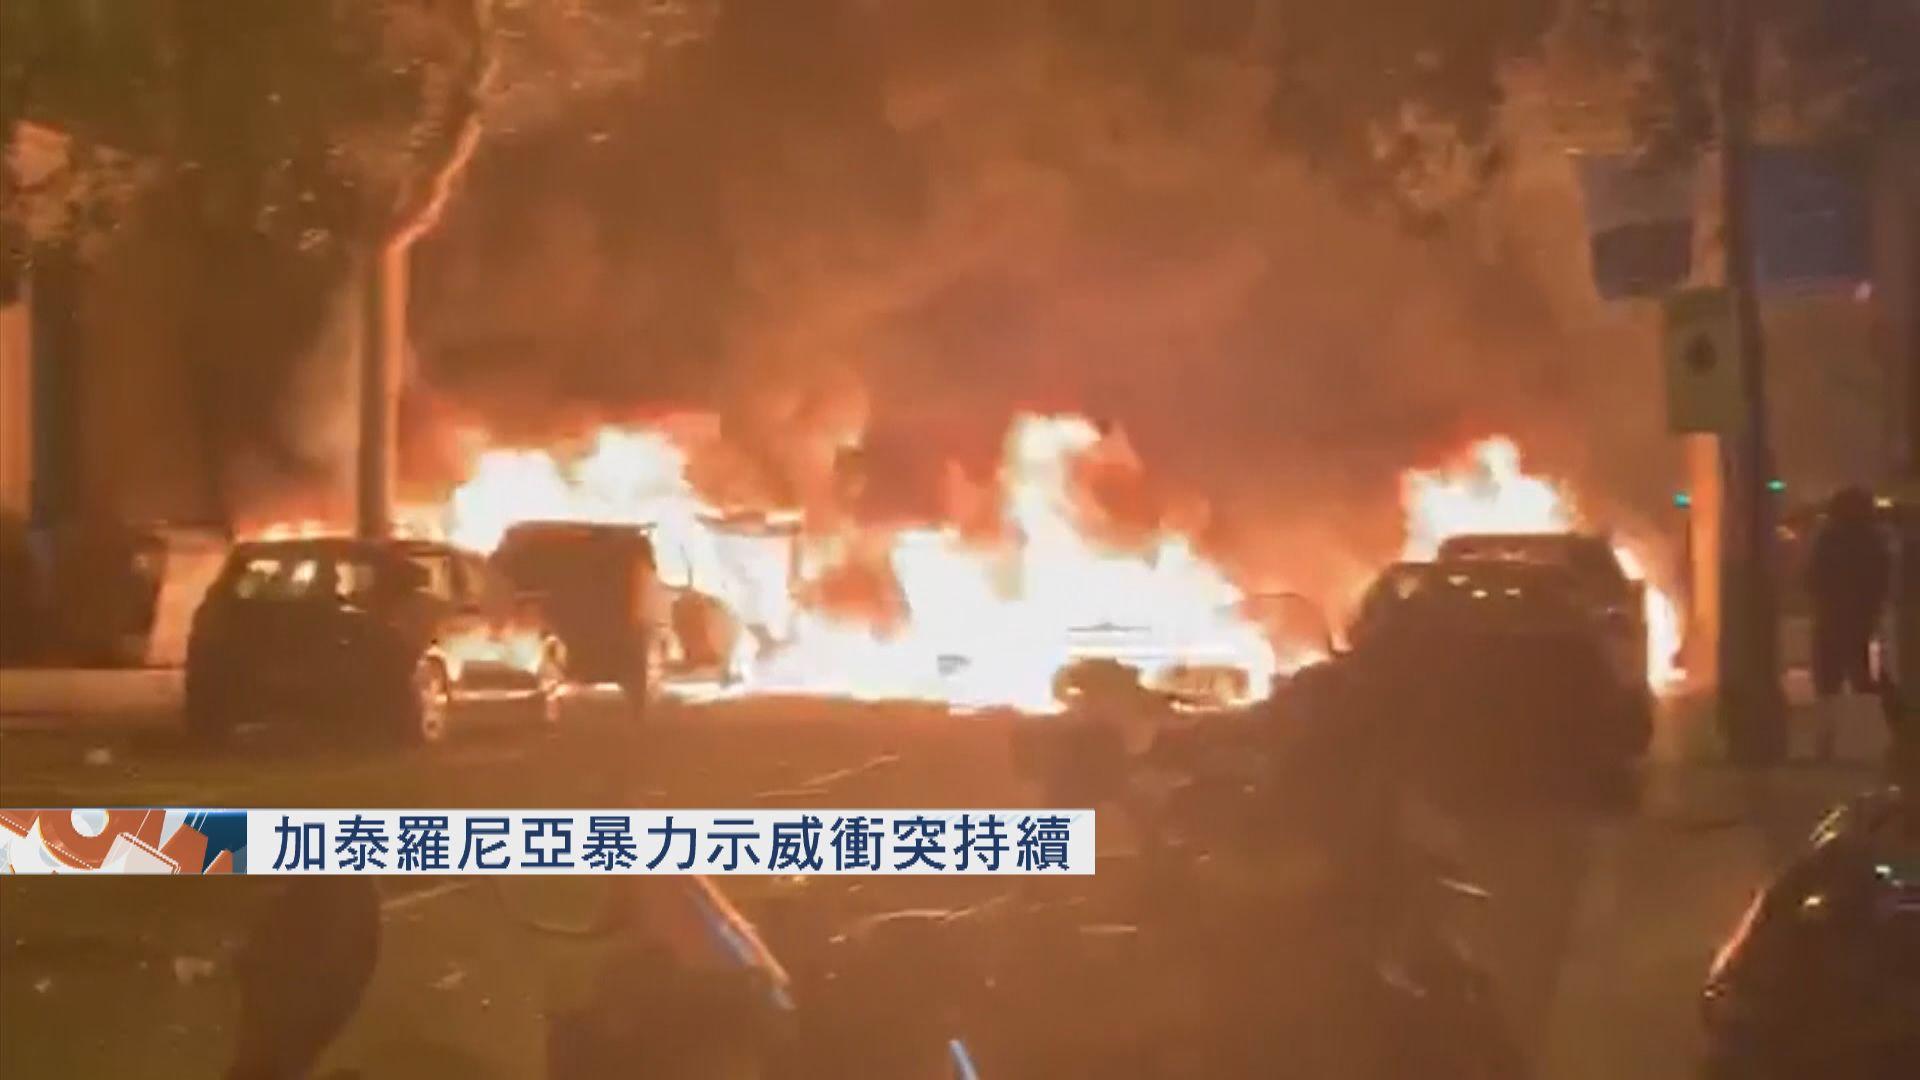 加泰羅尼亞暴力示威衝突持續造成逾250傷